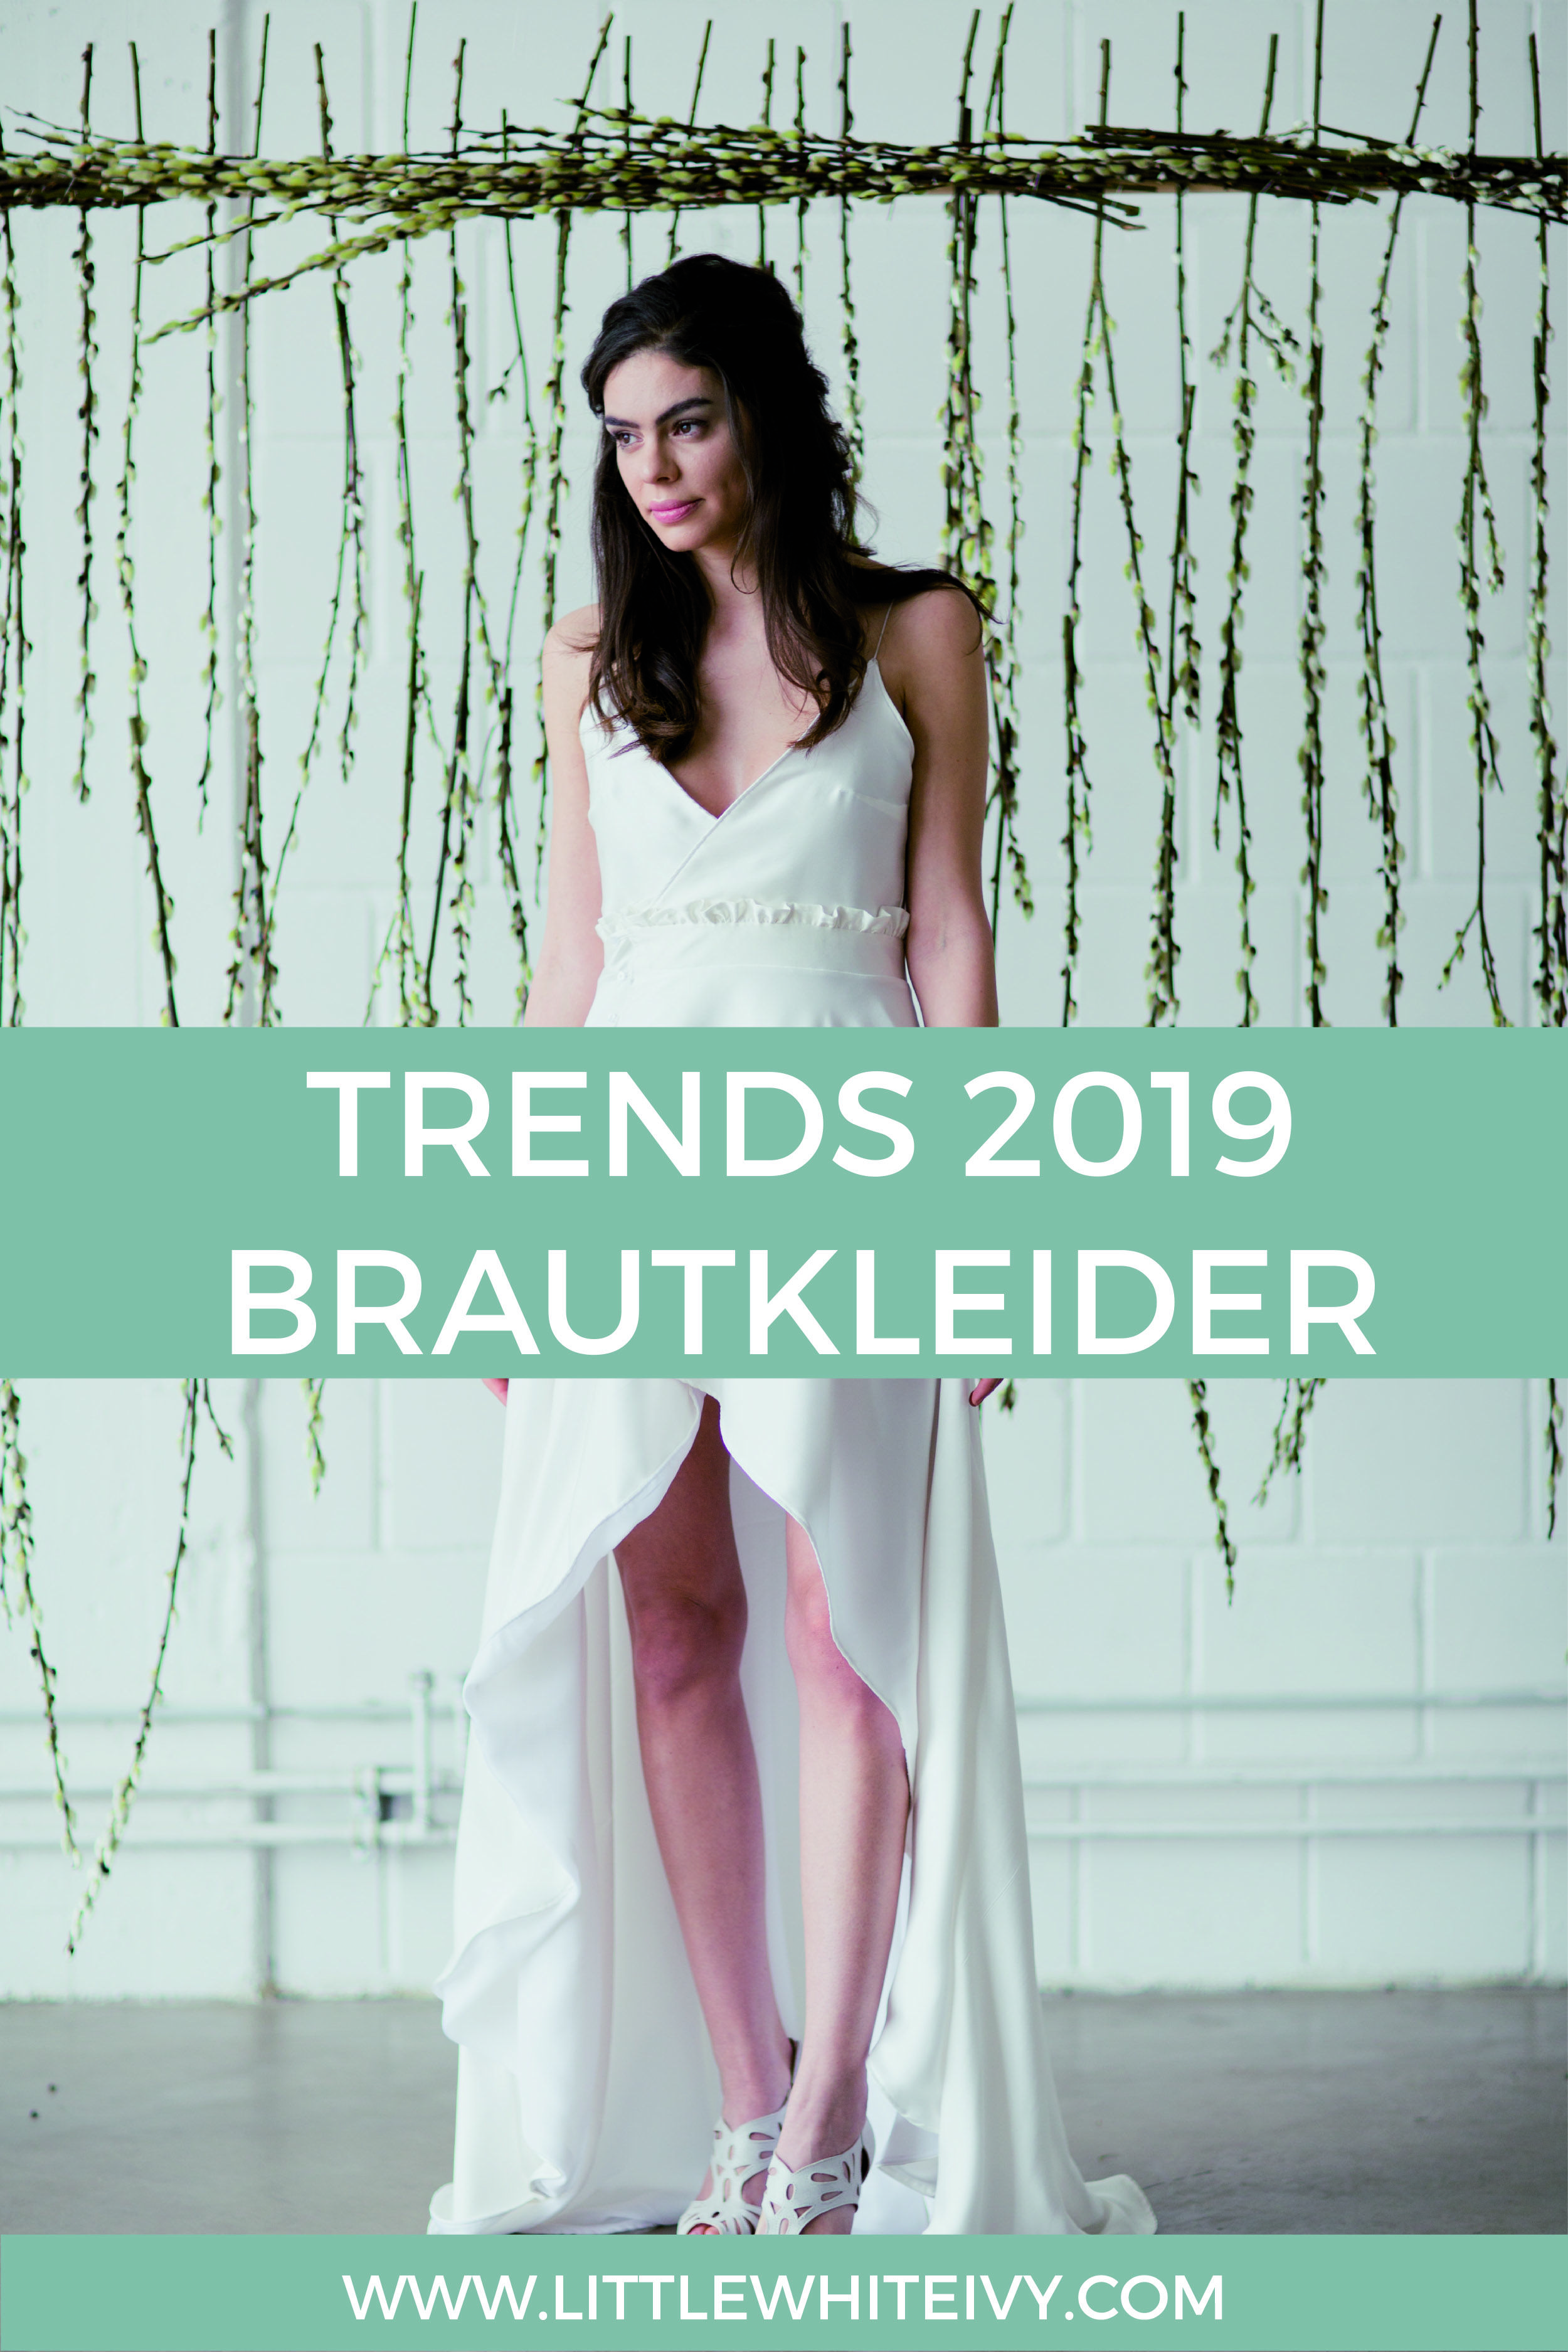 Brautkleider Absolut Im Trend Fur Das Hochzeitsjahr 2019 Kleider Schlicht Aber So Modern In Der Schnittlinienfuhrung Wu Brautkleid Hochzeit Perfekte Braut